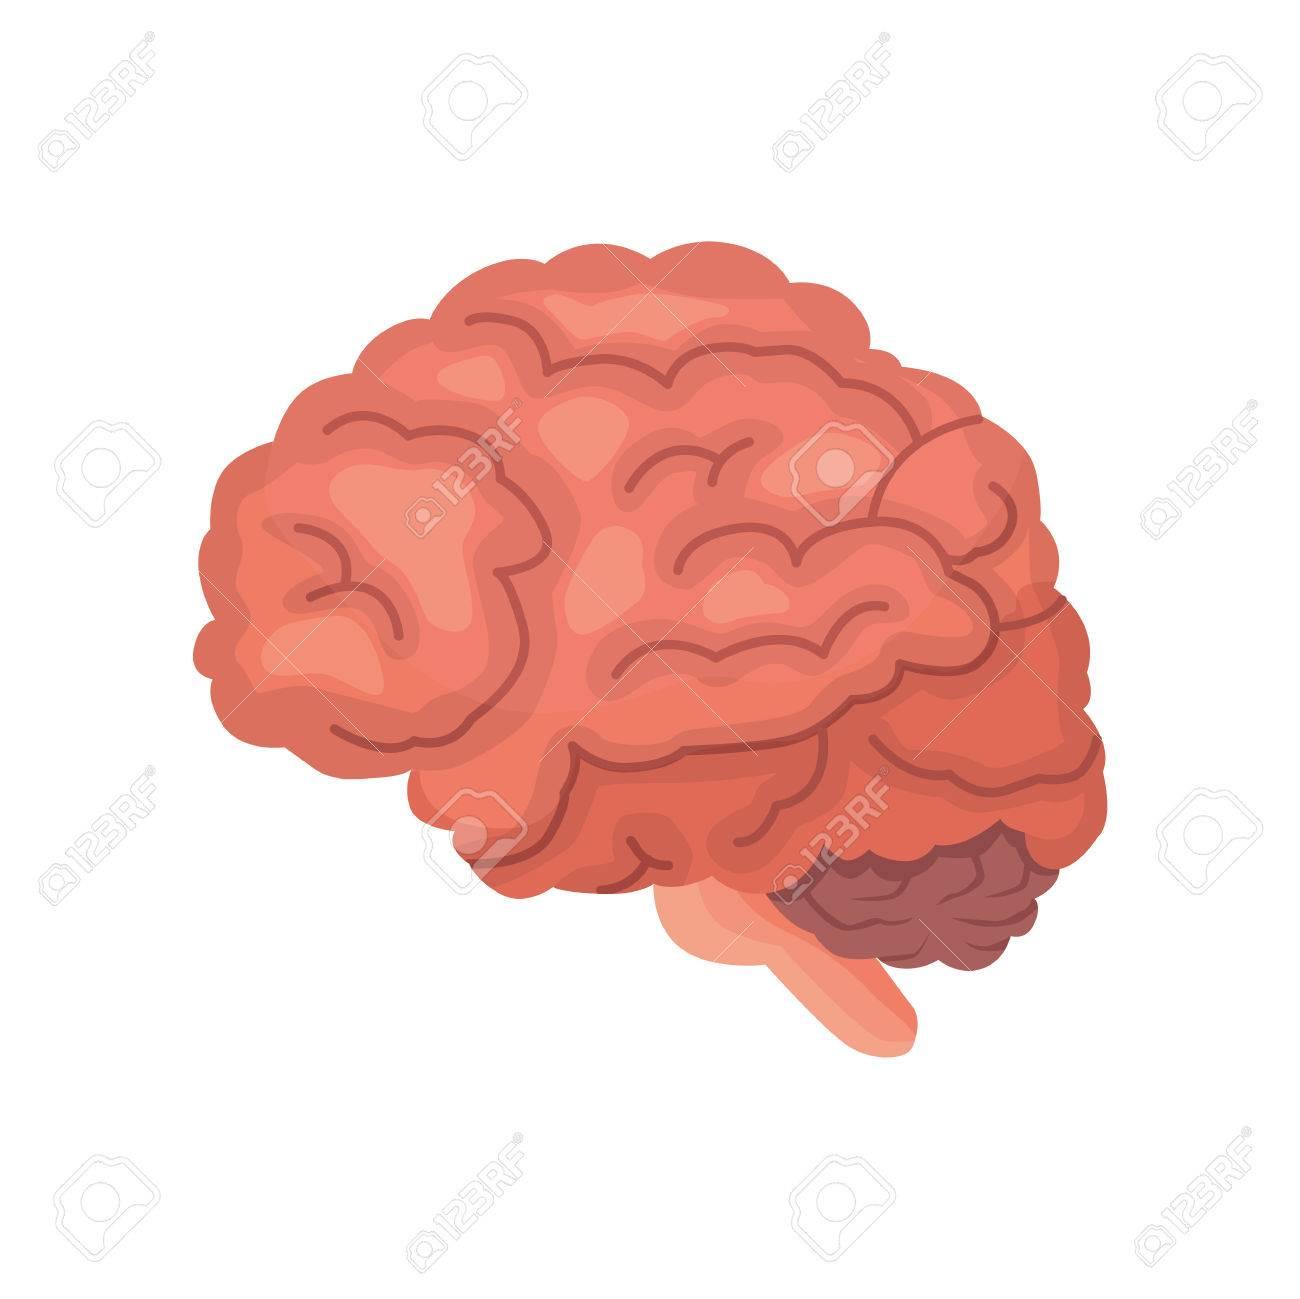 Icono De Vector De Dibujos Animados Anatomía Del Cerebro Humano ...